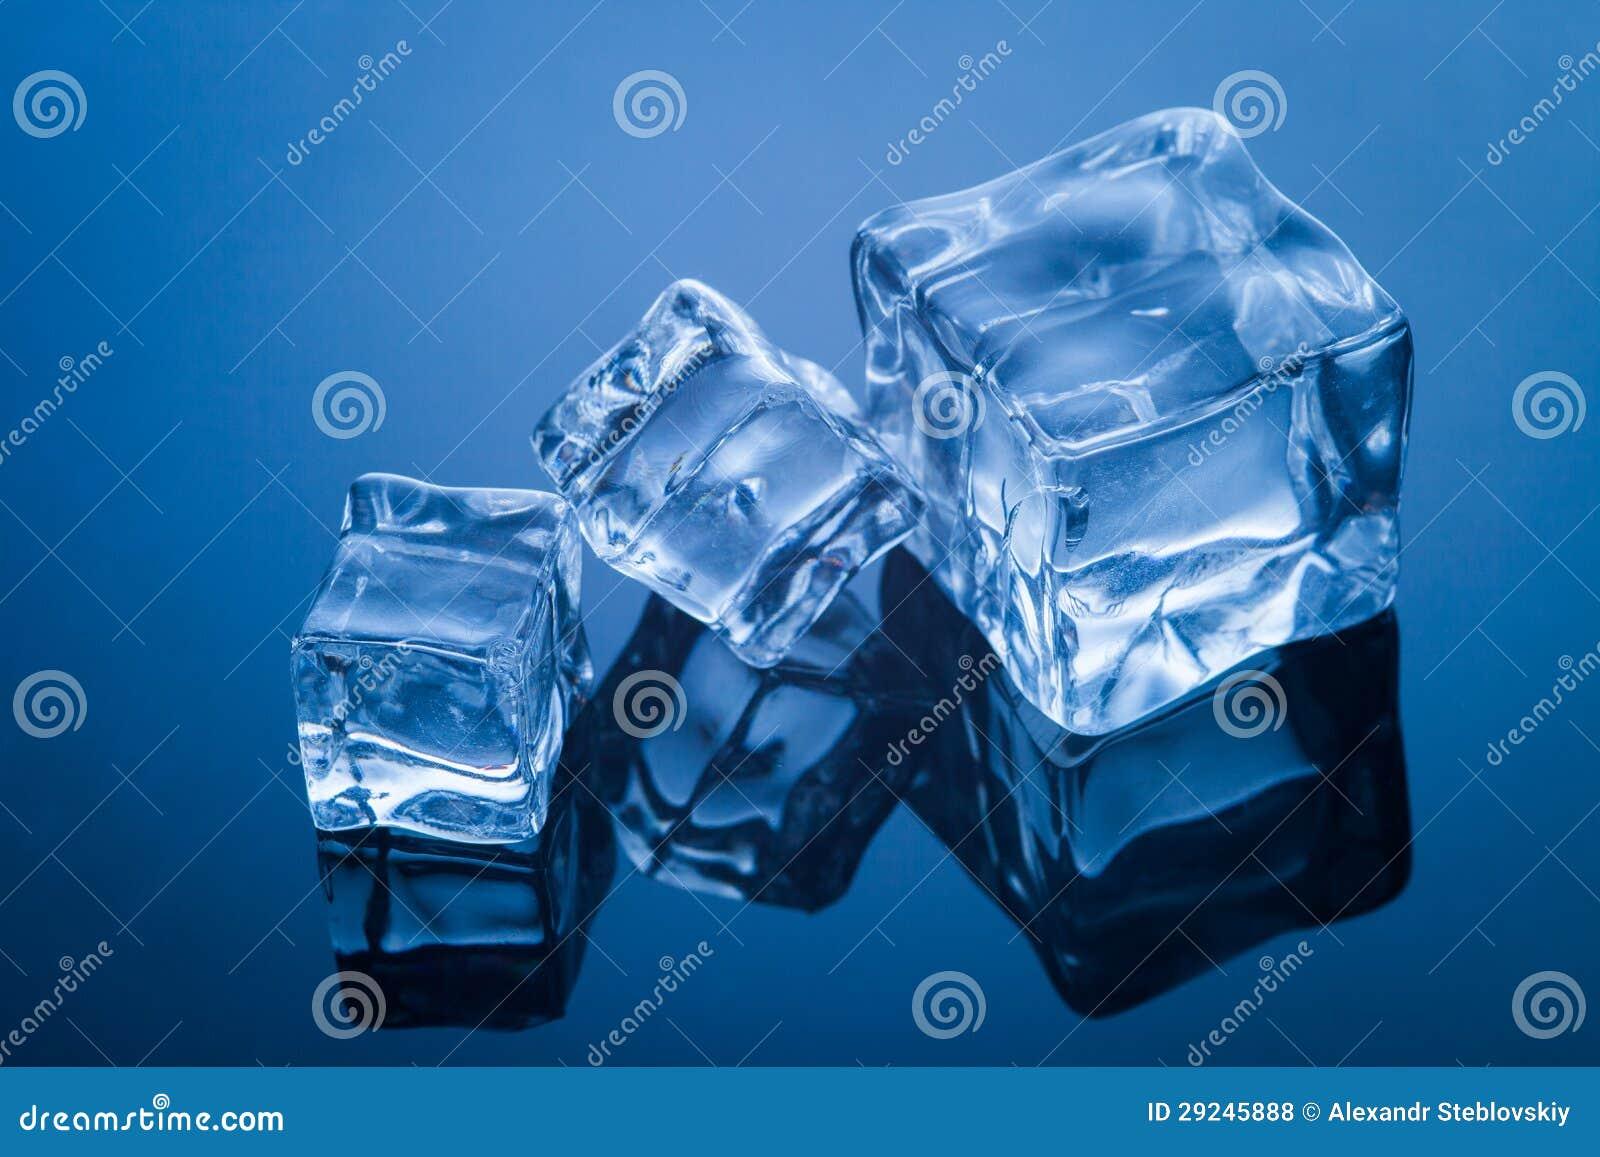 Download Cubos de gelo foto de stock. Imagem de refrigerate, congelado - 29245888